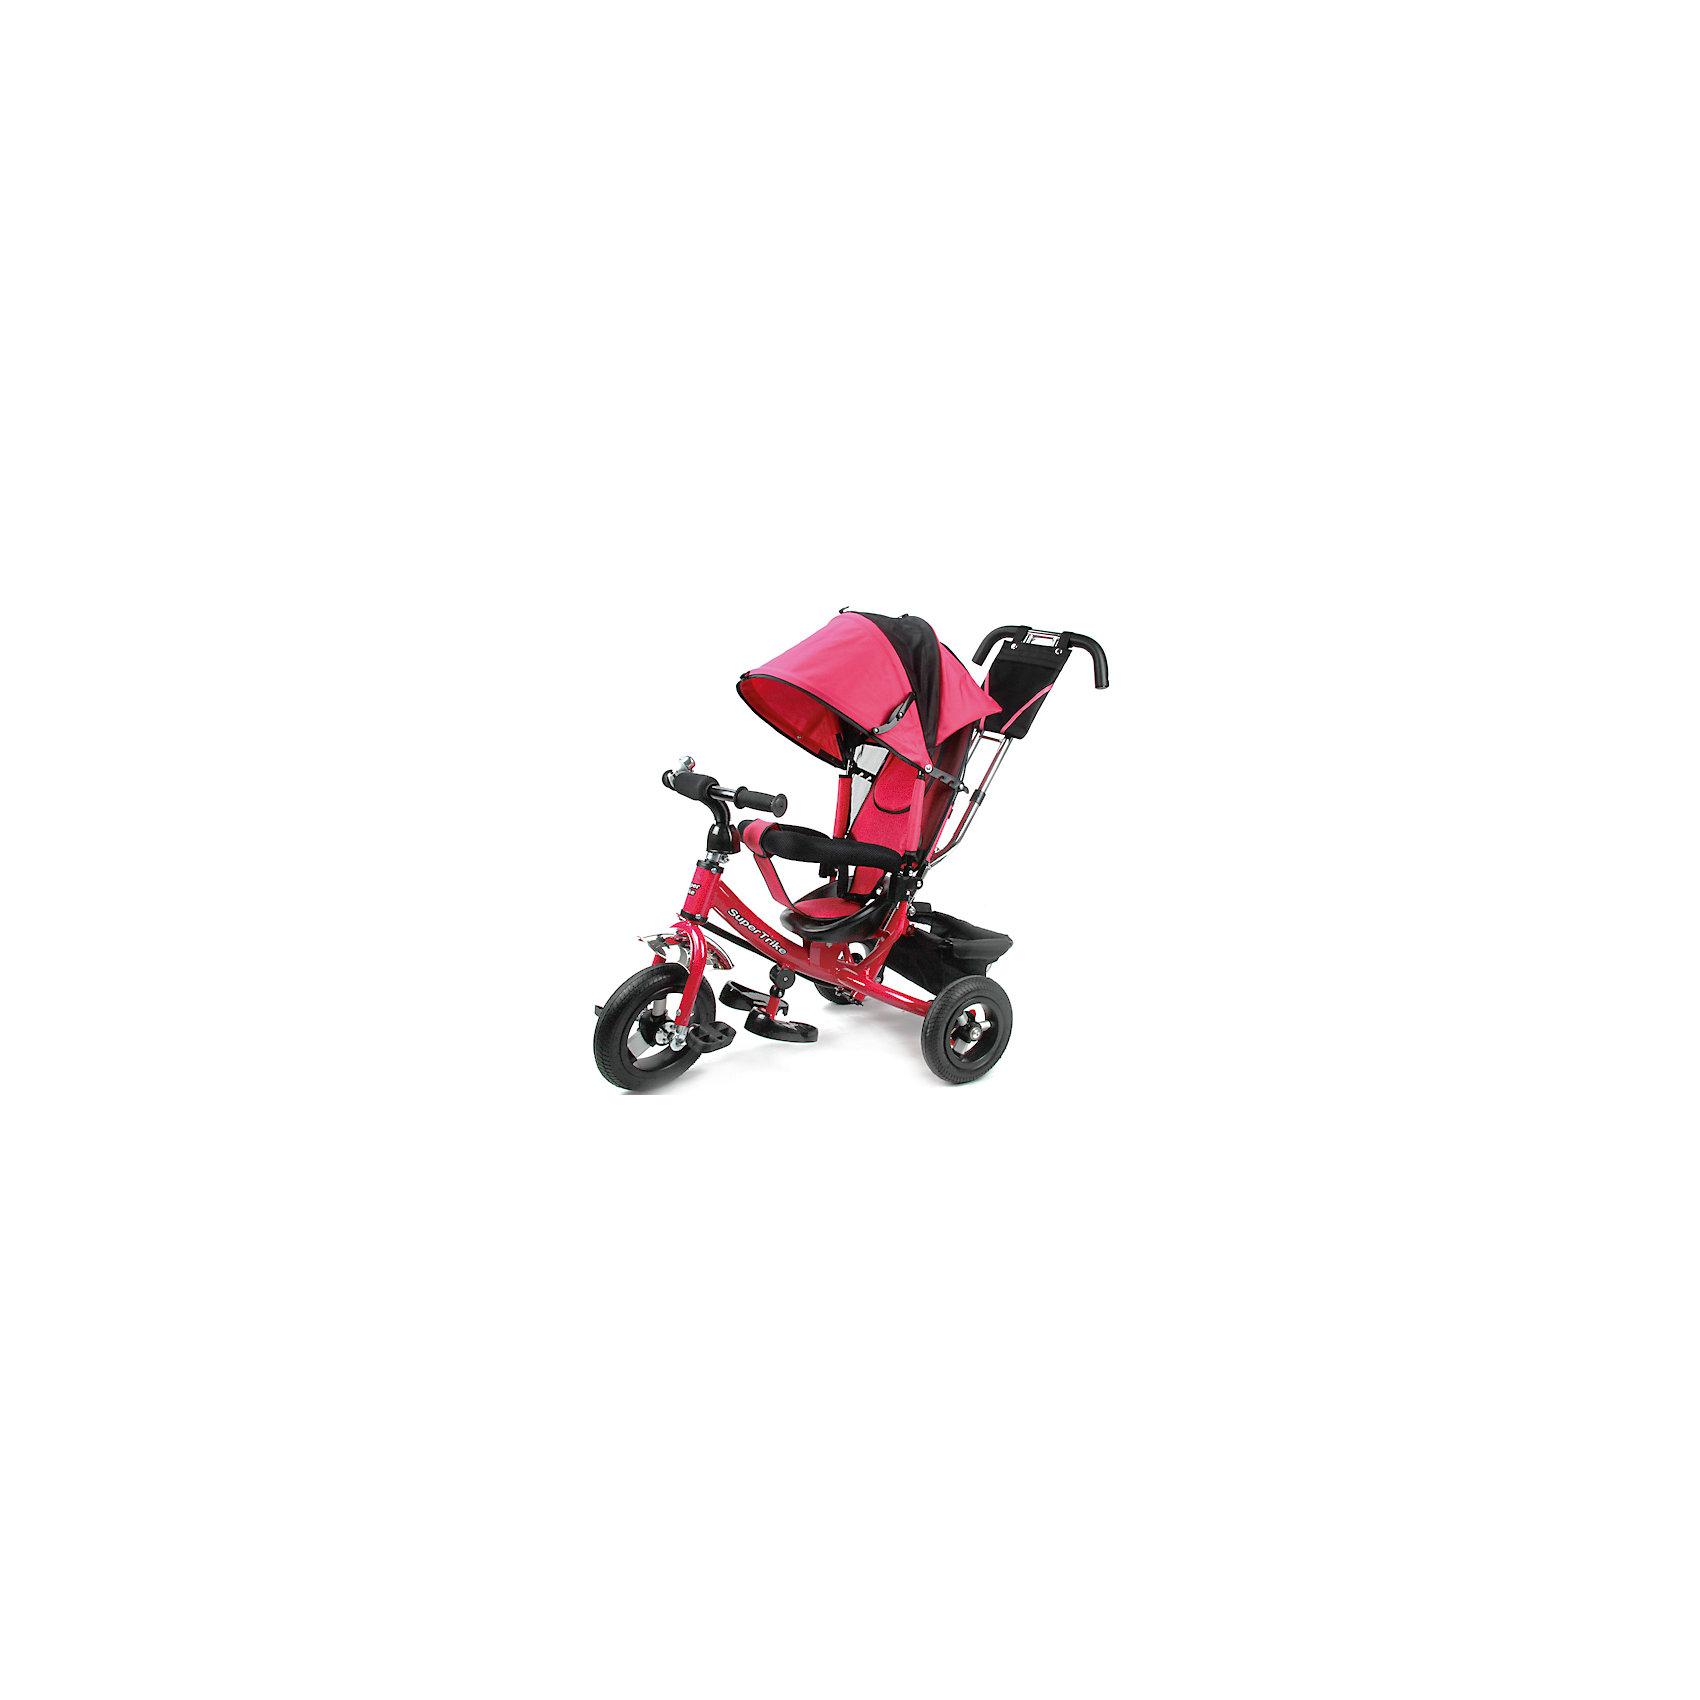 Трехколесный велосипед, с надувными колесами, Super Trike